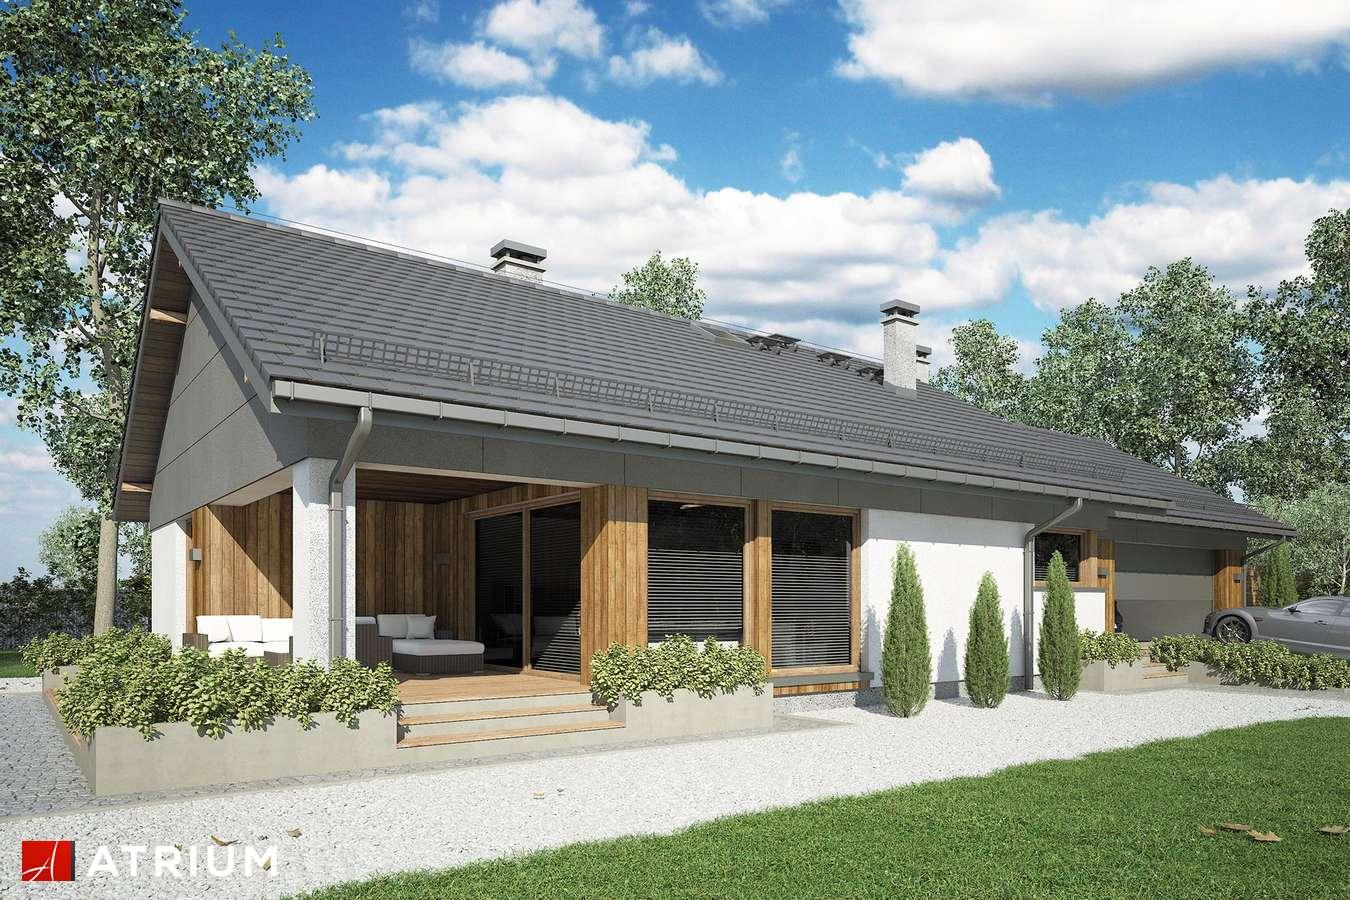 Projekty domów - Projekt domu parterowego KOS MINI II SZ - wizualizacja 2